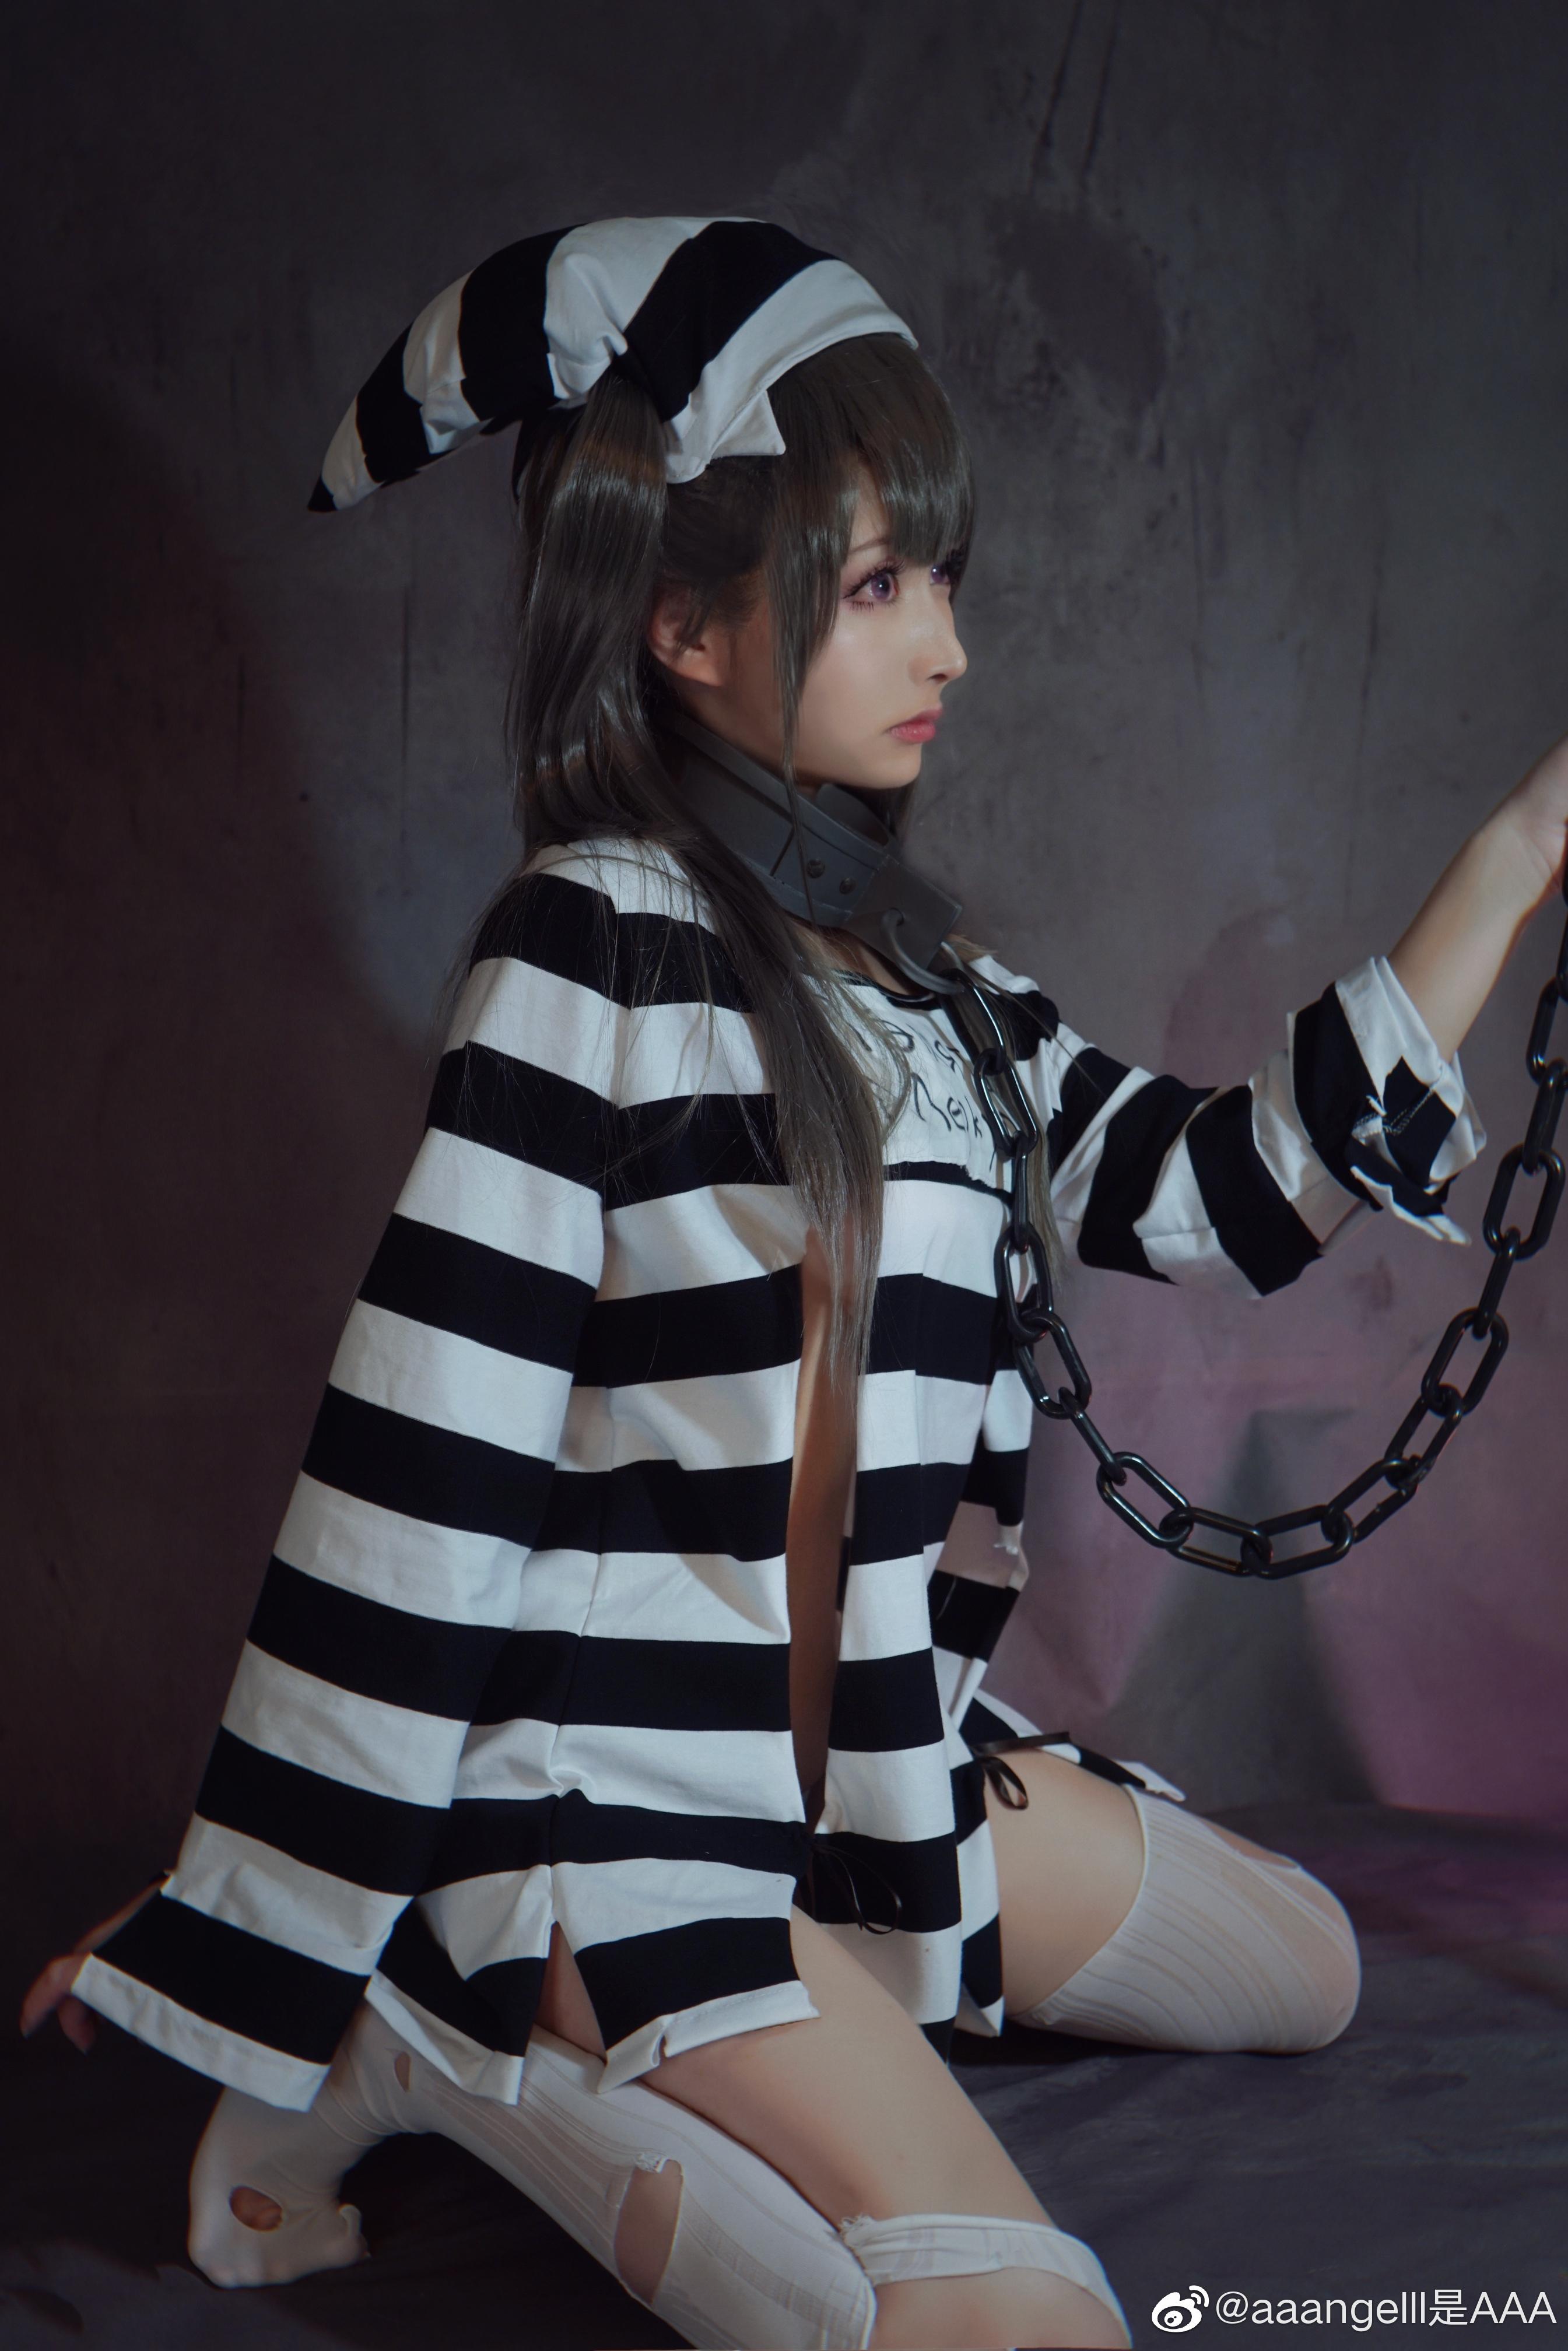 [COS正片] 碧蓝航线 水星纪念 囚牢与诱惑 aaangelll是AAA COSPLAY-第11张